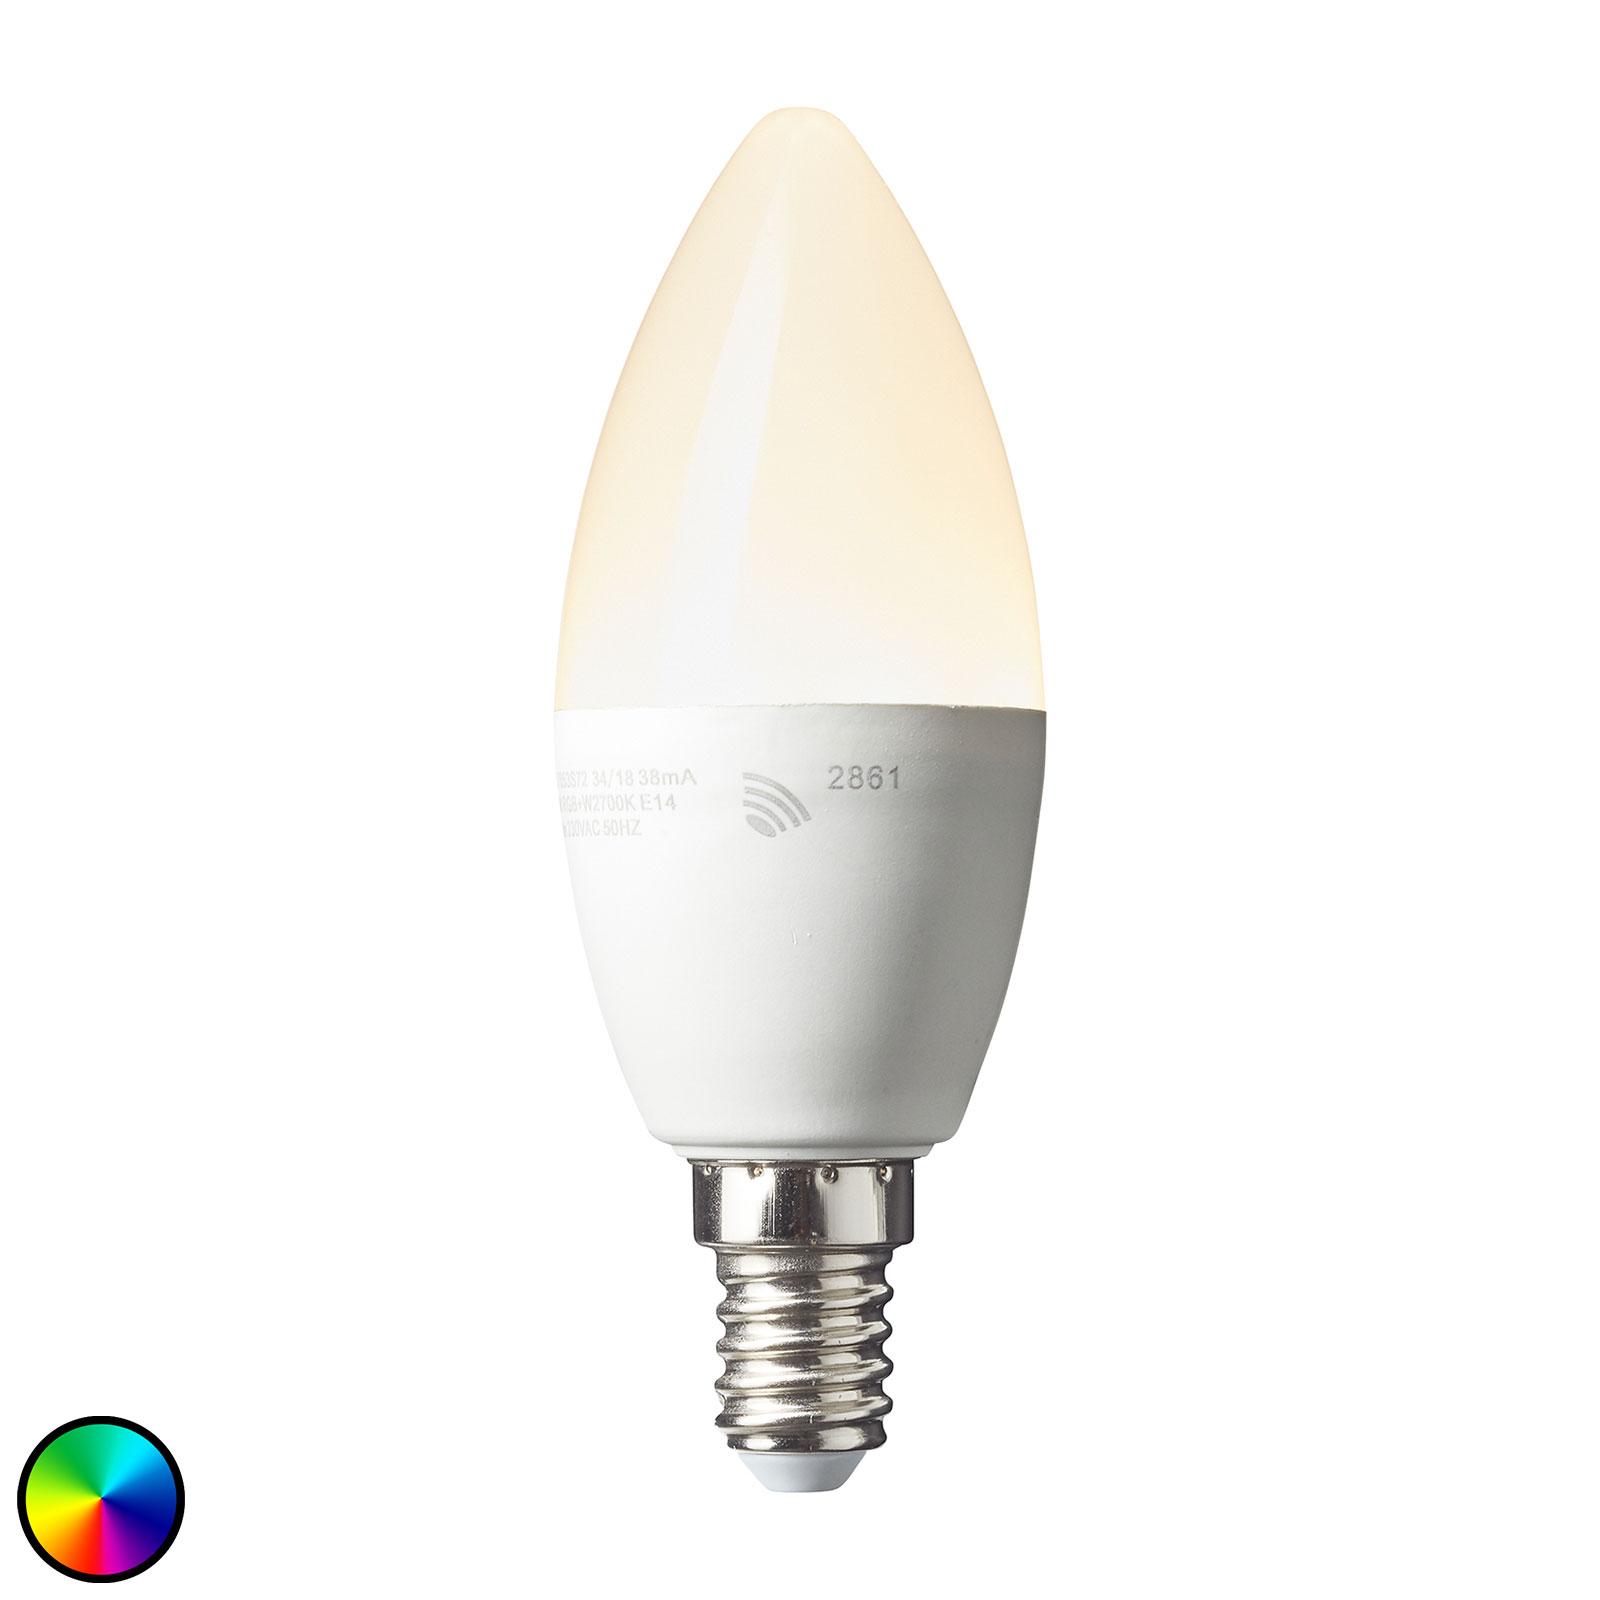 Żarówka świeca LED E14 4,5W Smart-Tuya RGBW